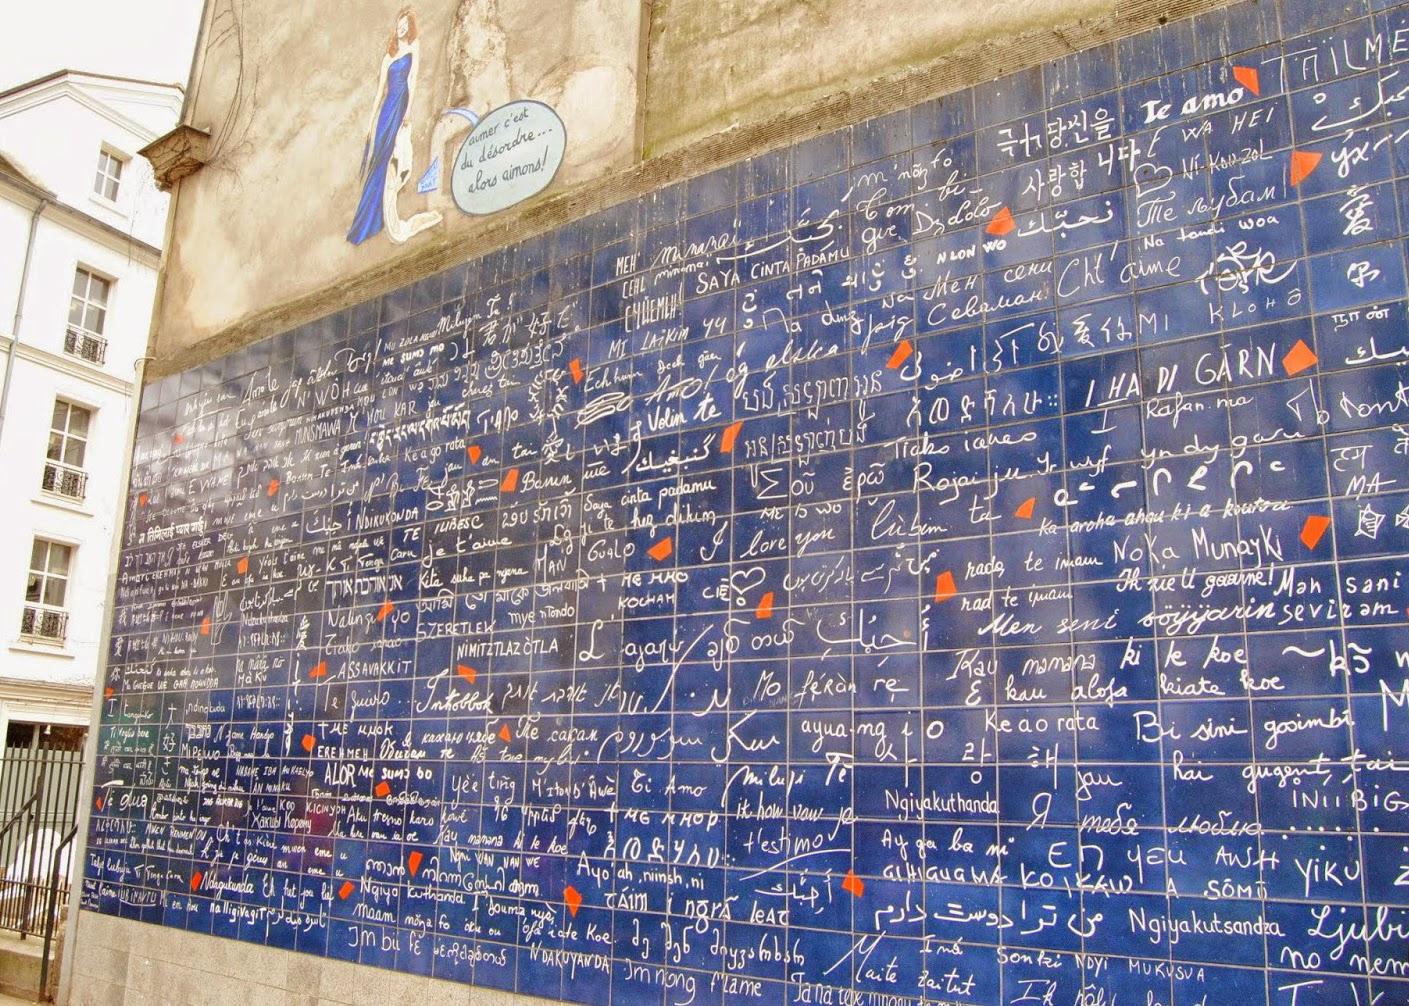 Uno dei luoghi top per gli innamorati nel giorno di San Valentino è il muro dei Ti Amo a Montmartre